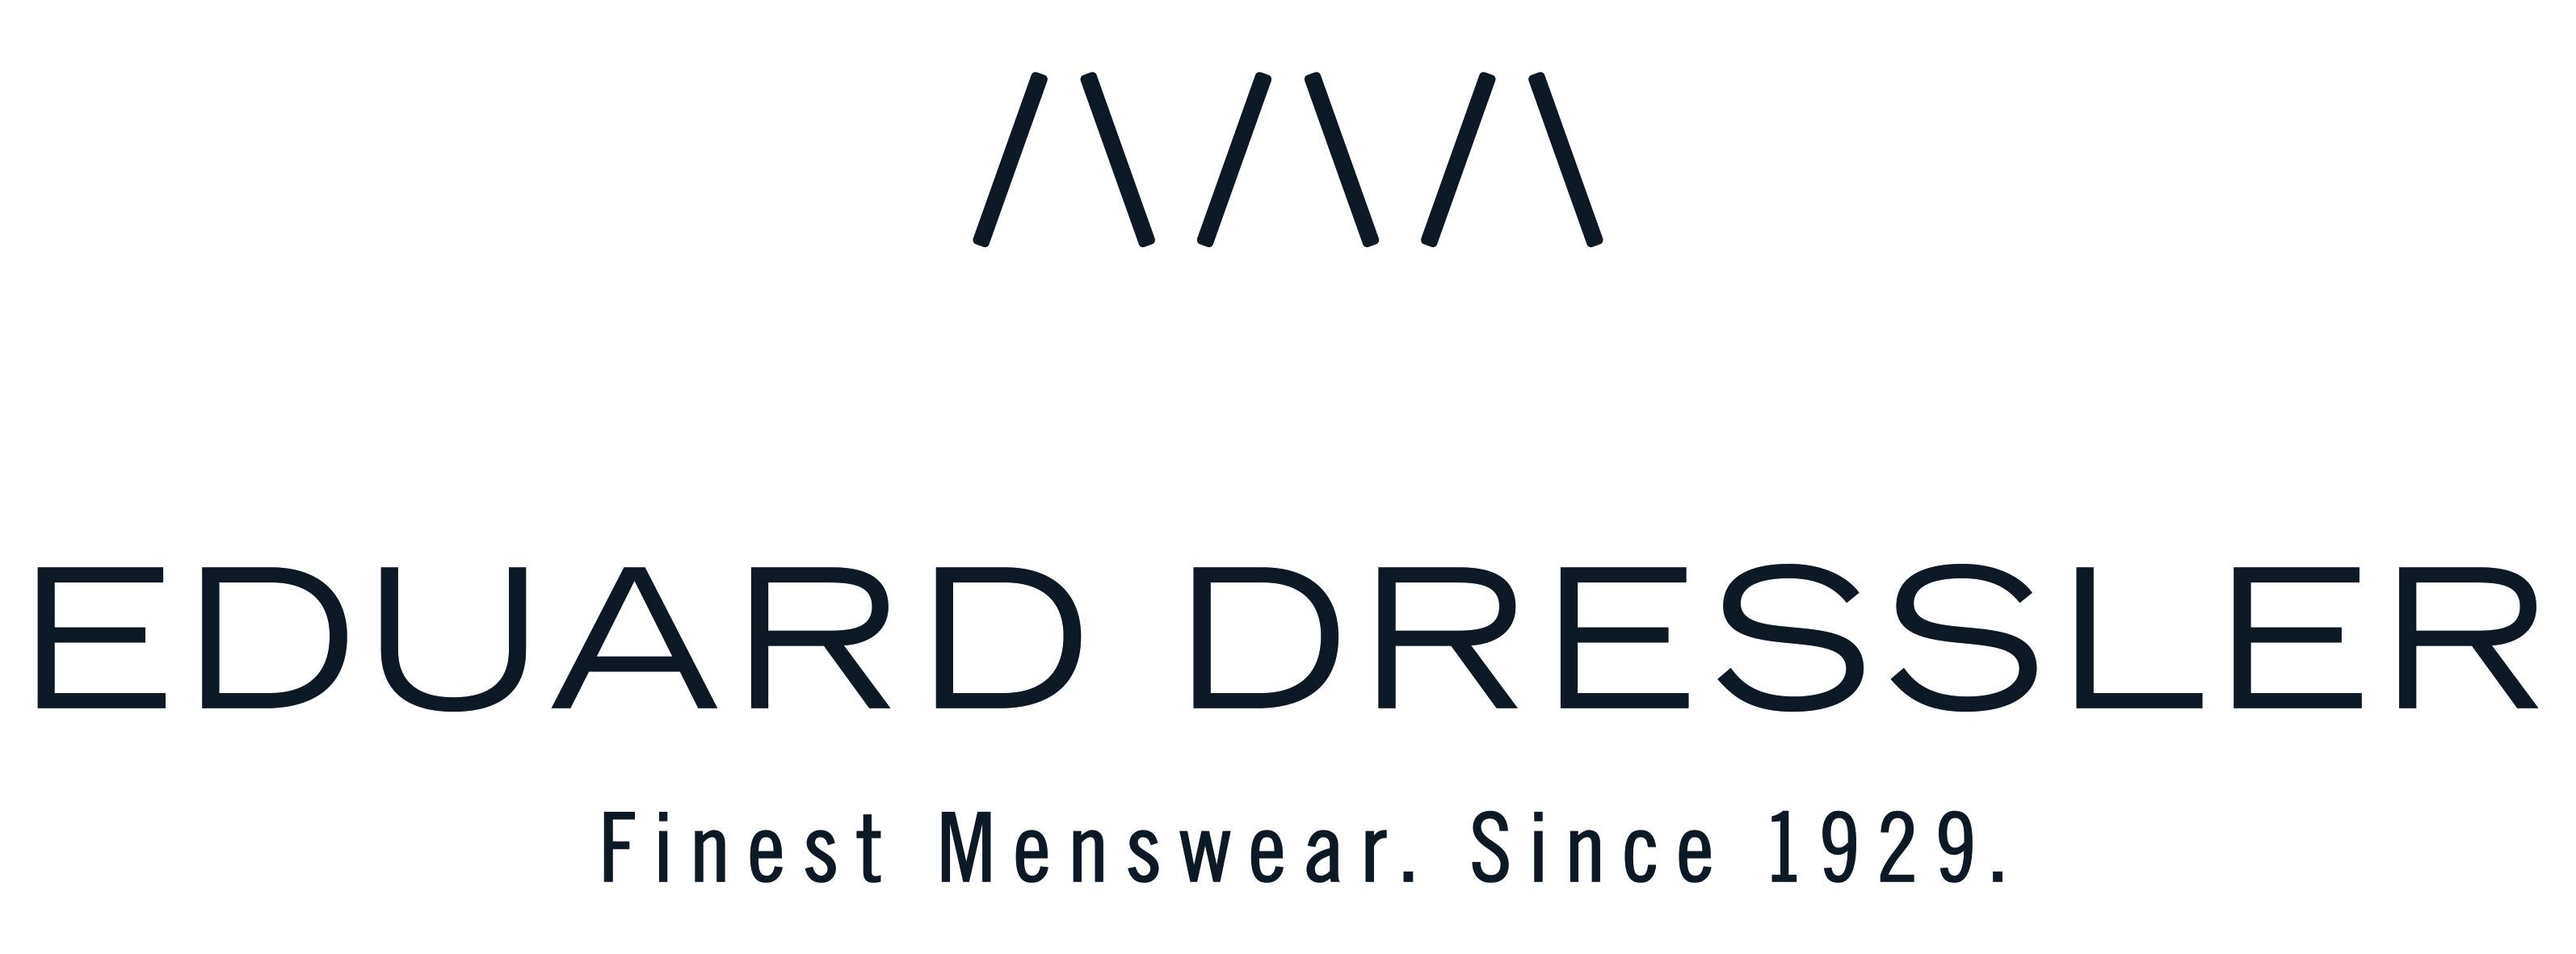 Eduard Dressler - Logo - Schriftzug-Signet-Claim